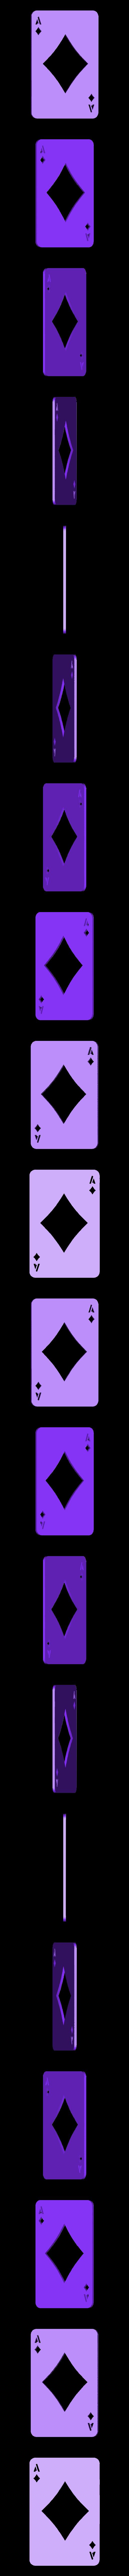 Diamonds_1_hole.stl Télécharger fichier SCAD gratuit Les cartes à jouer • Objet imprimable en 3D, yvrogne59